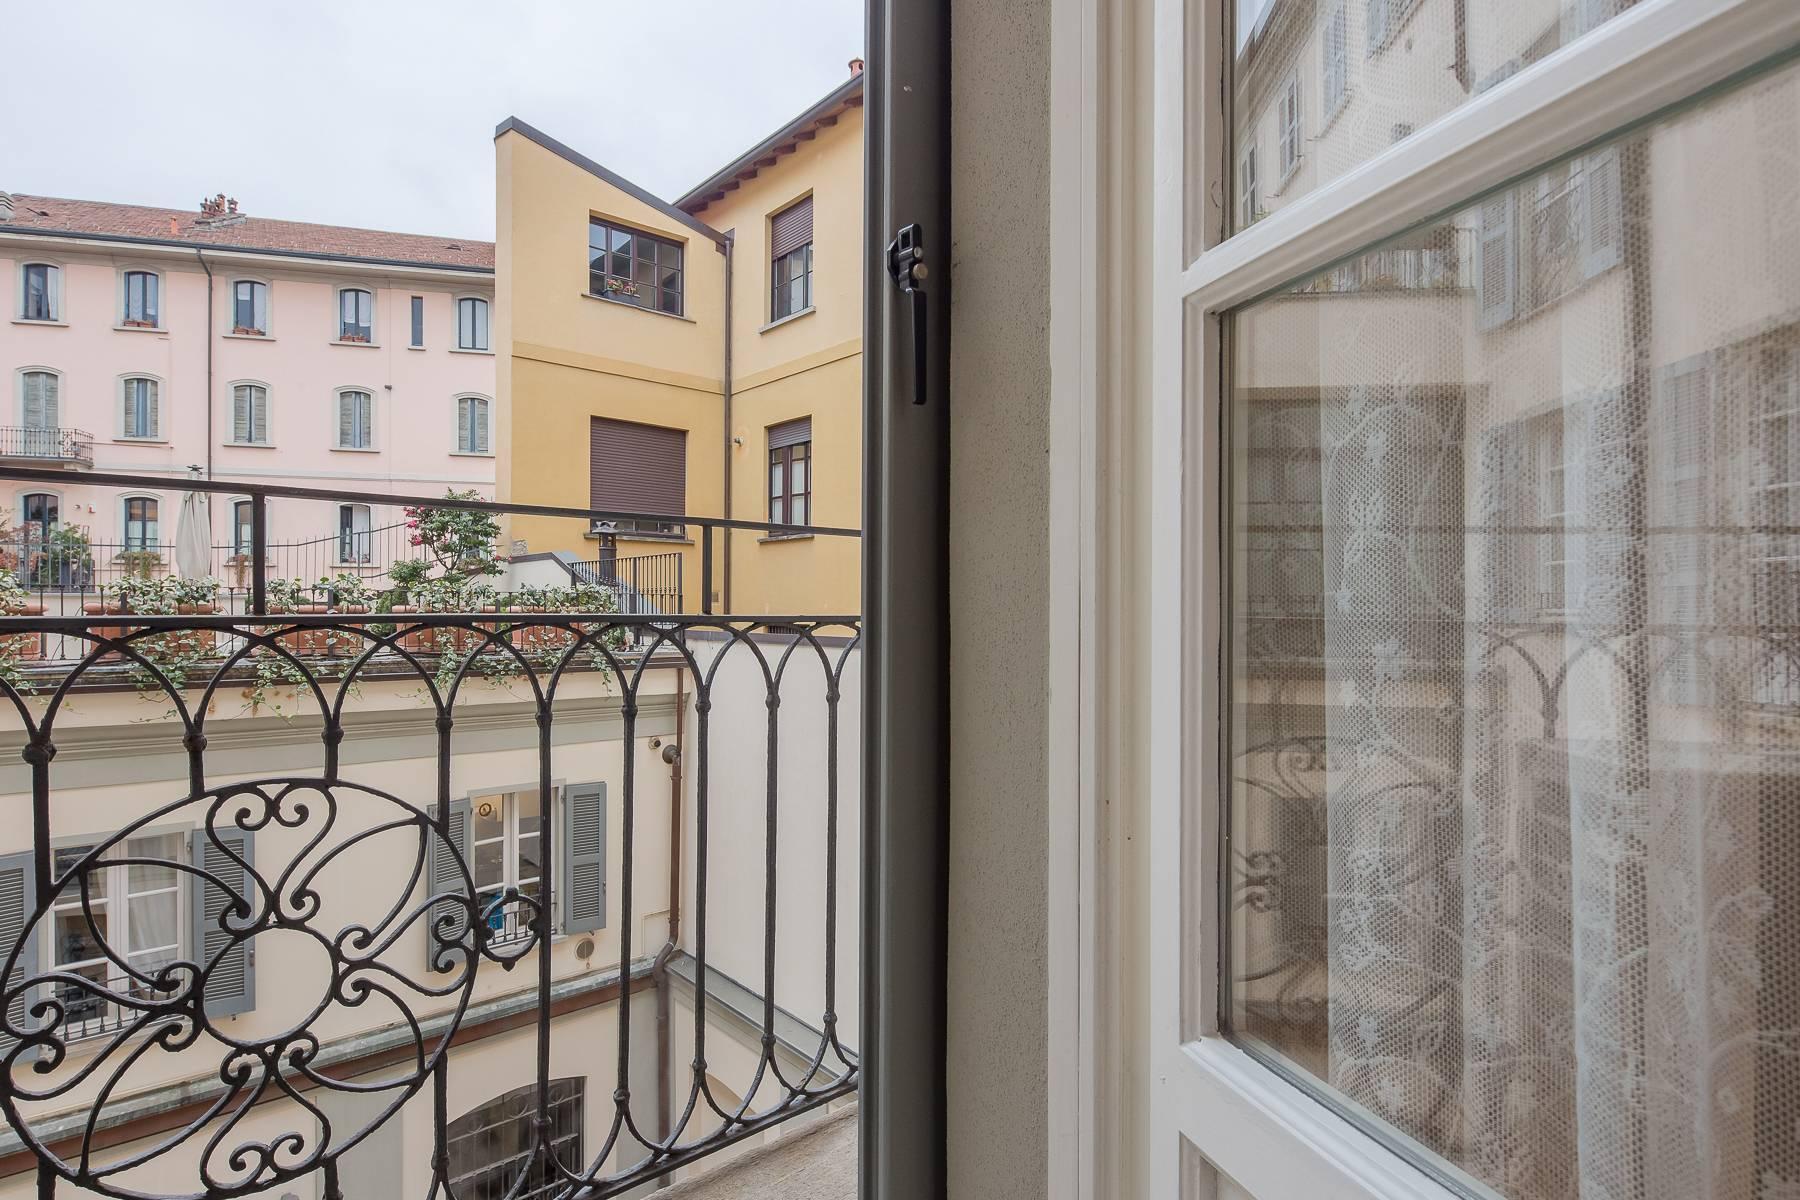 Bilocale di charme arredato in affitto in Brera - 18